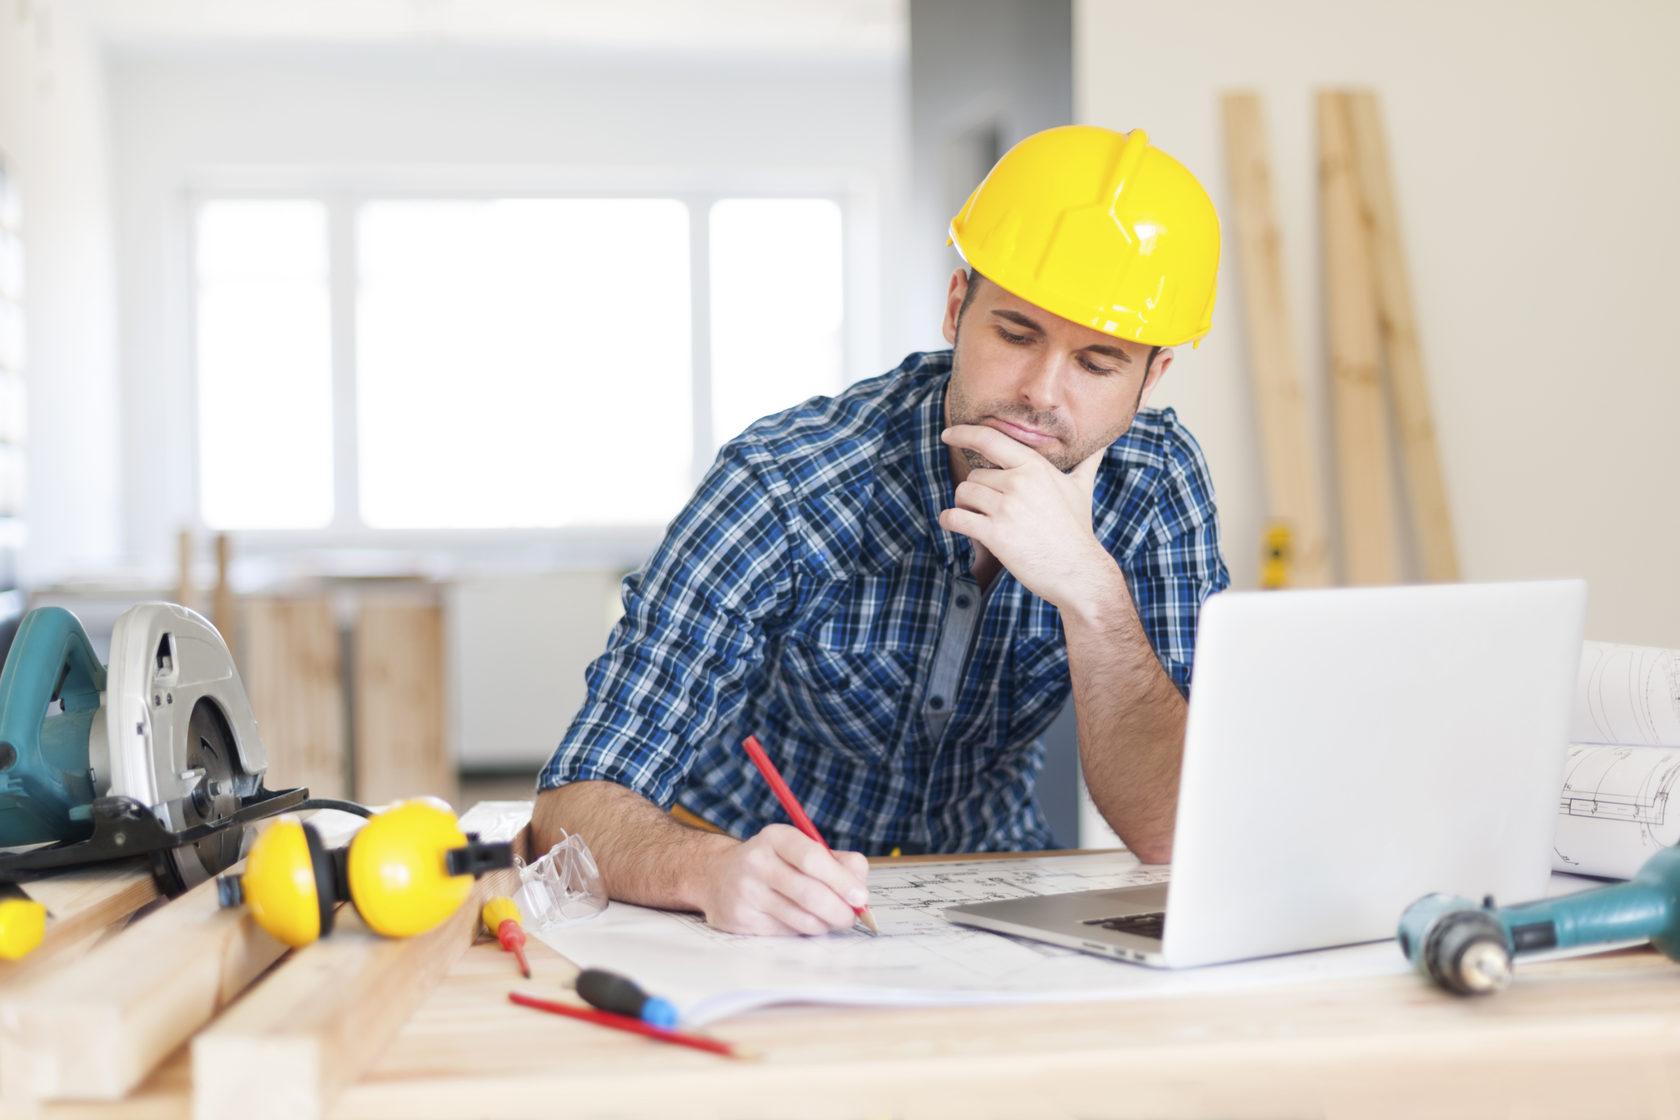 Представитель профессии не просто проектирует схематические решения и создает планы будущих построек, он объединяет все воедино